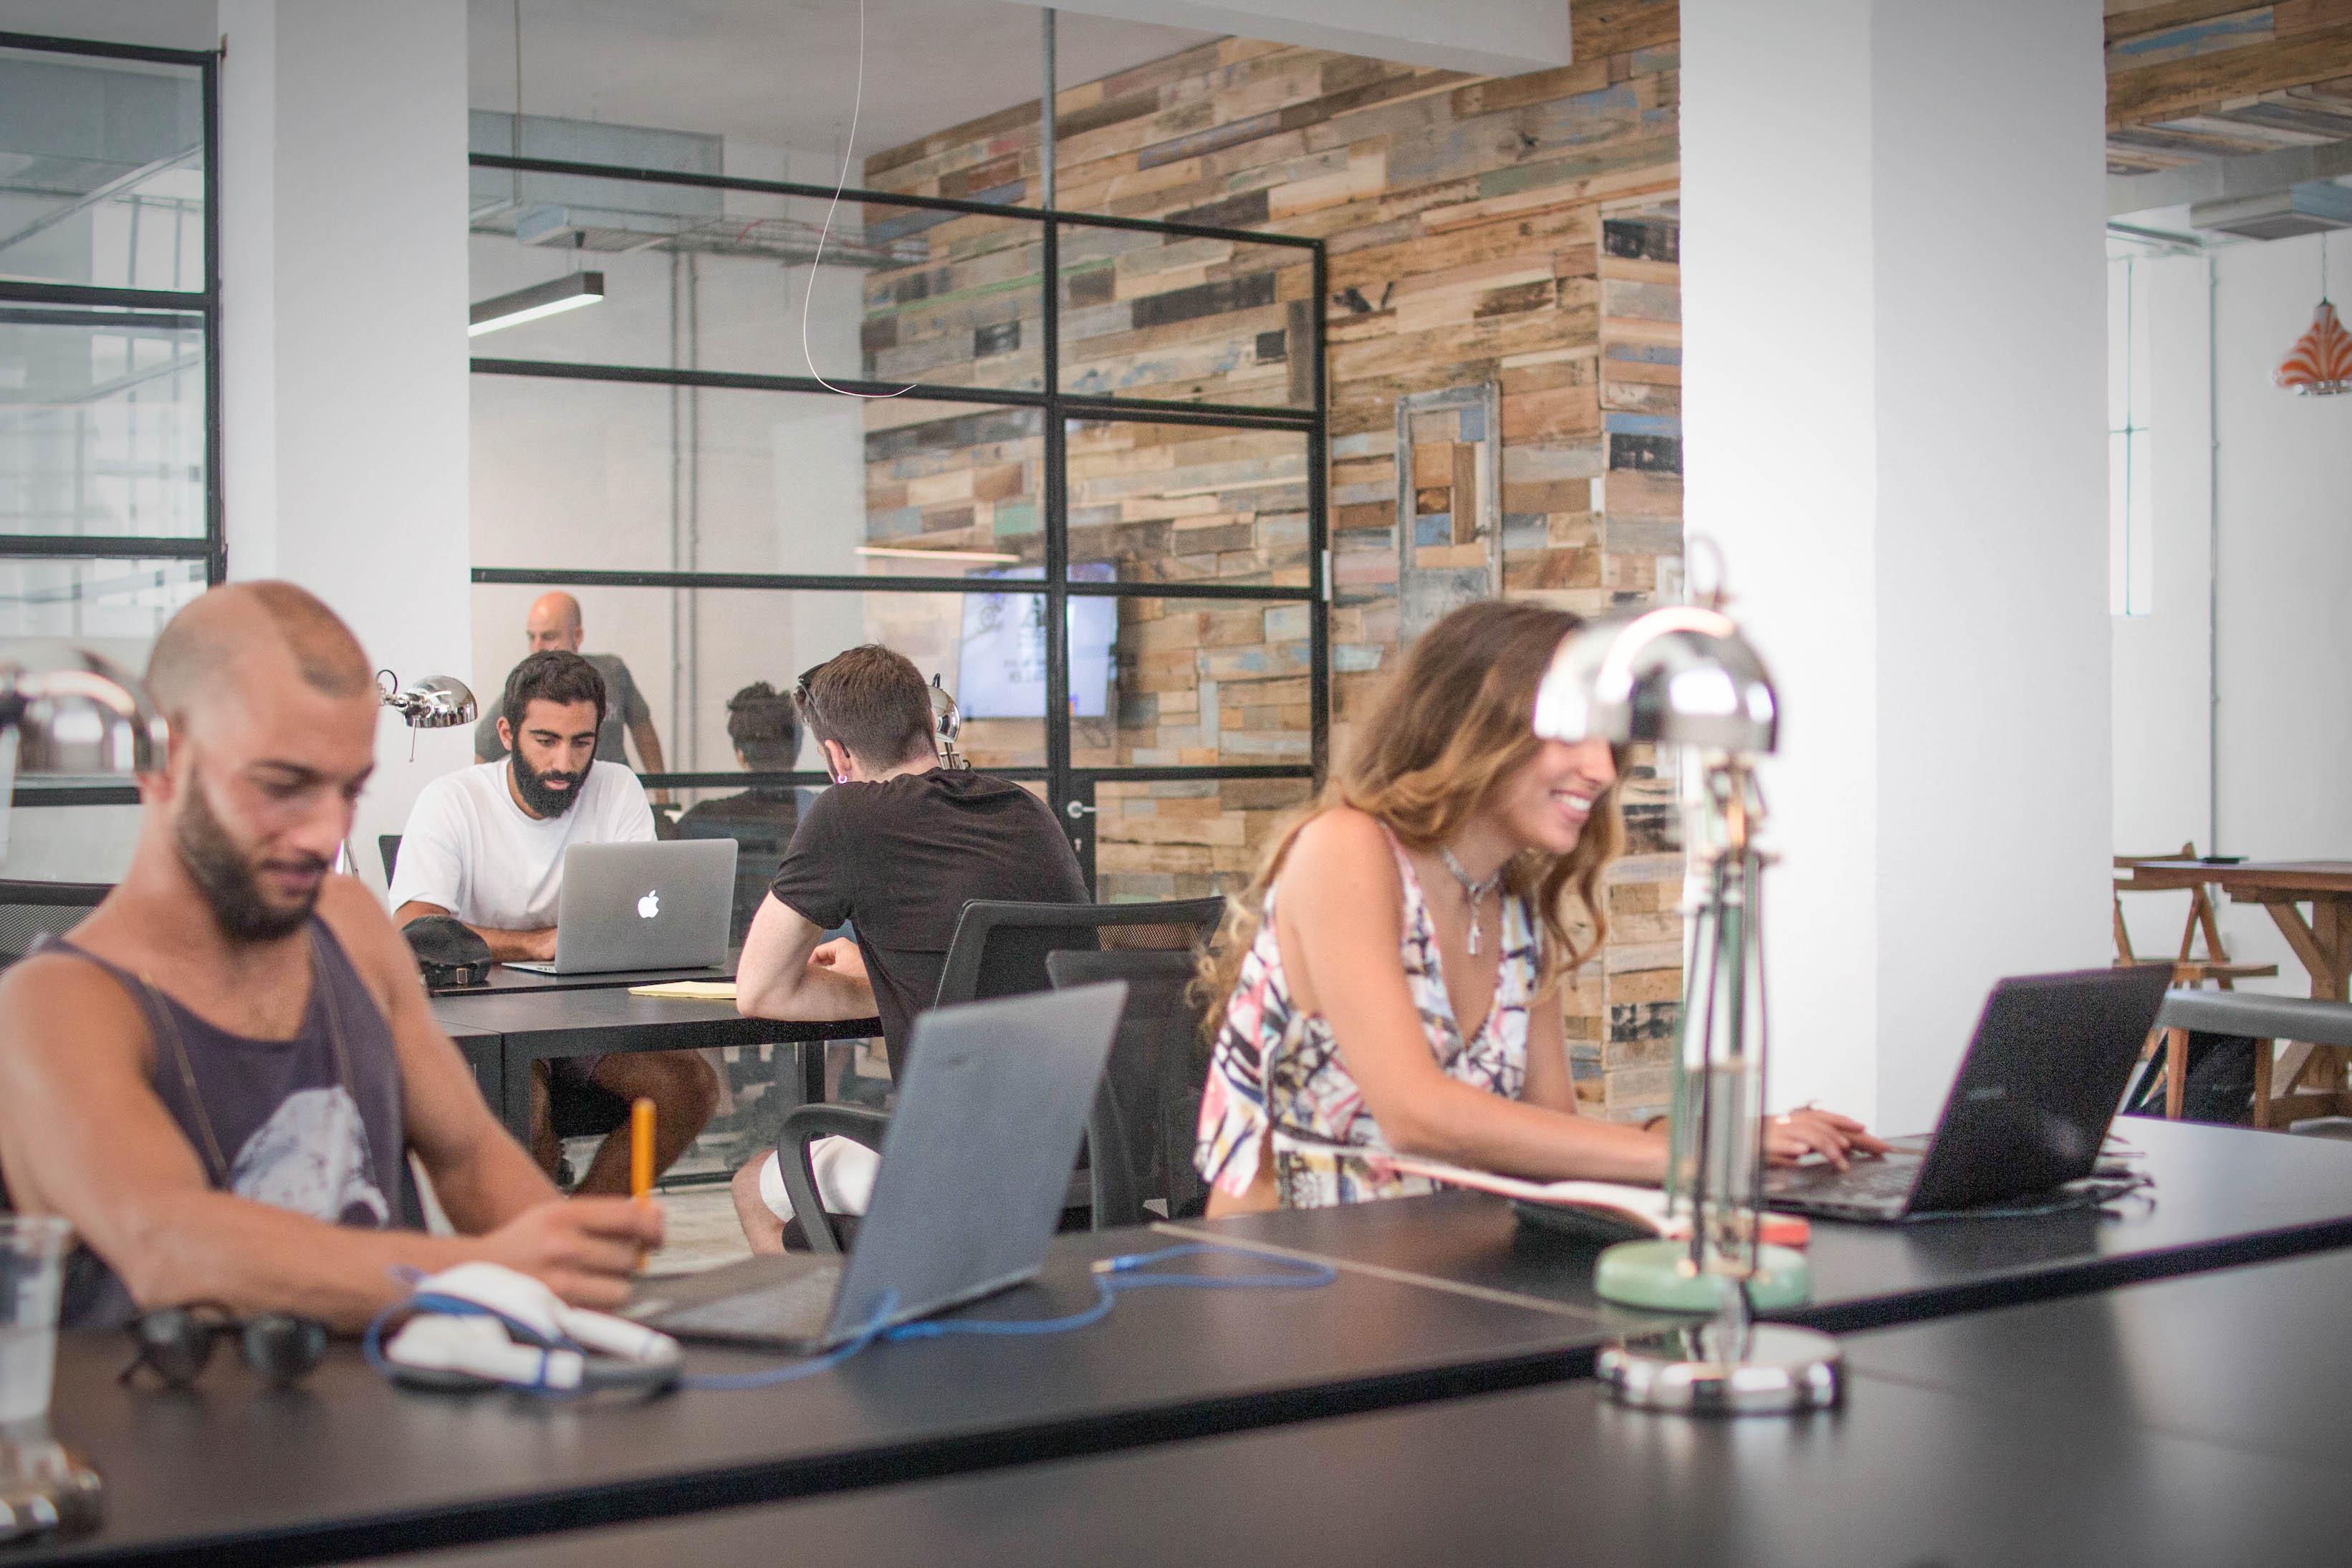 מודרניסטית משרד מחוץ לבית / מרחב העבודה Workshop במרכז תל אביב | Miss Mandala GM-17